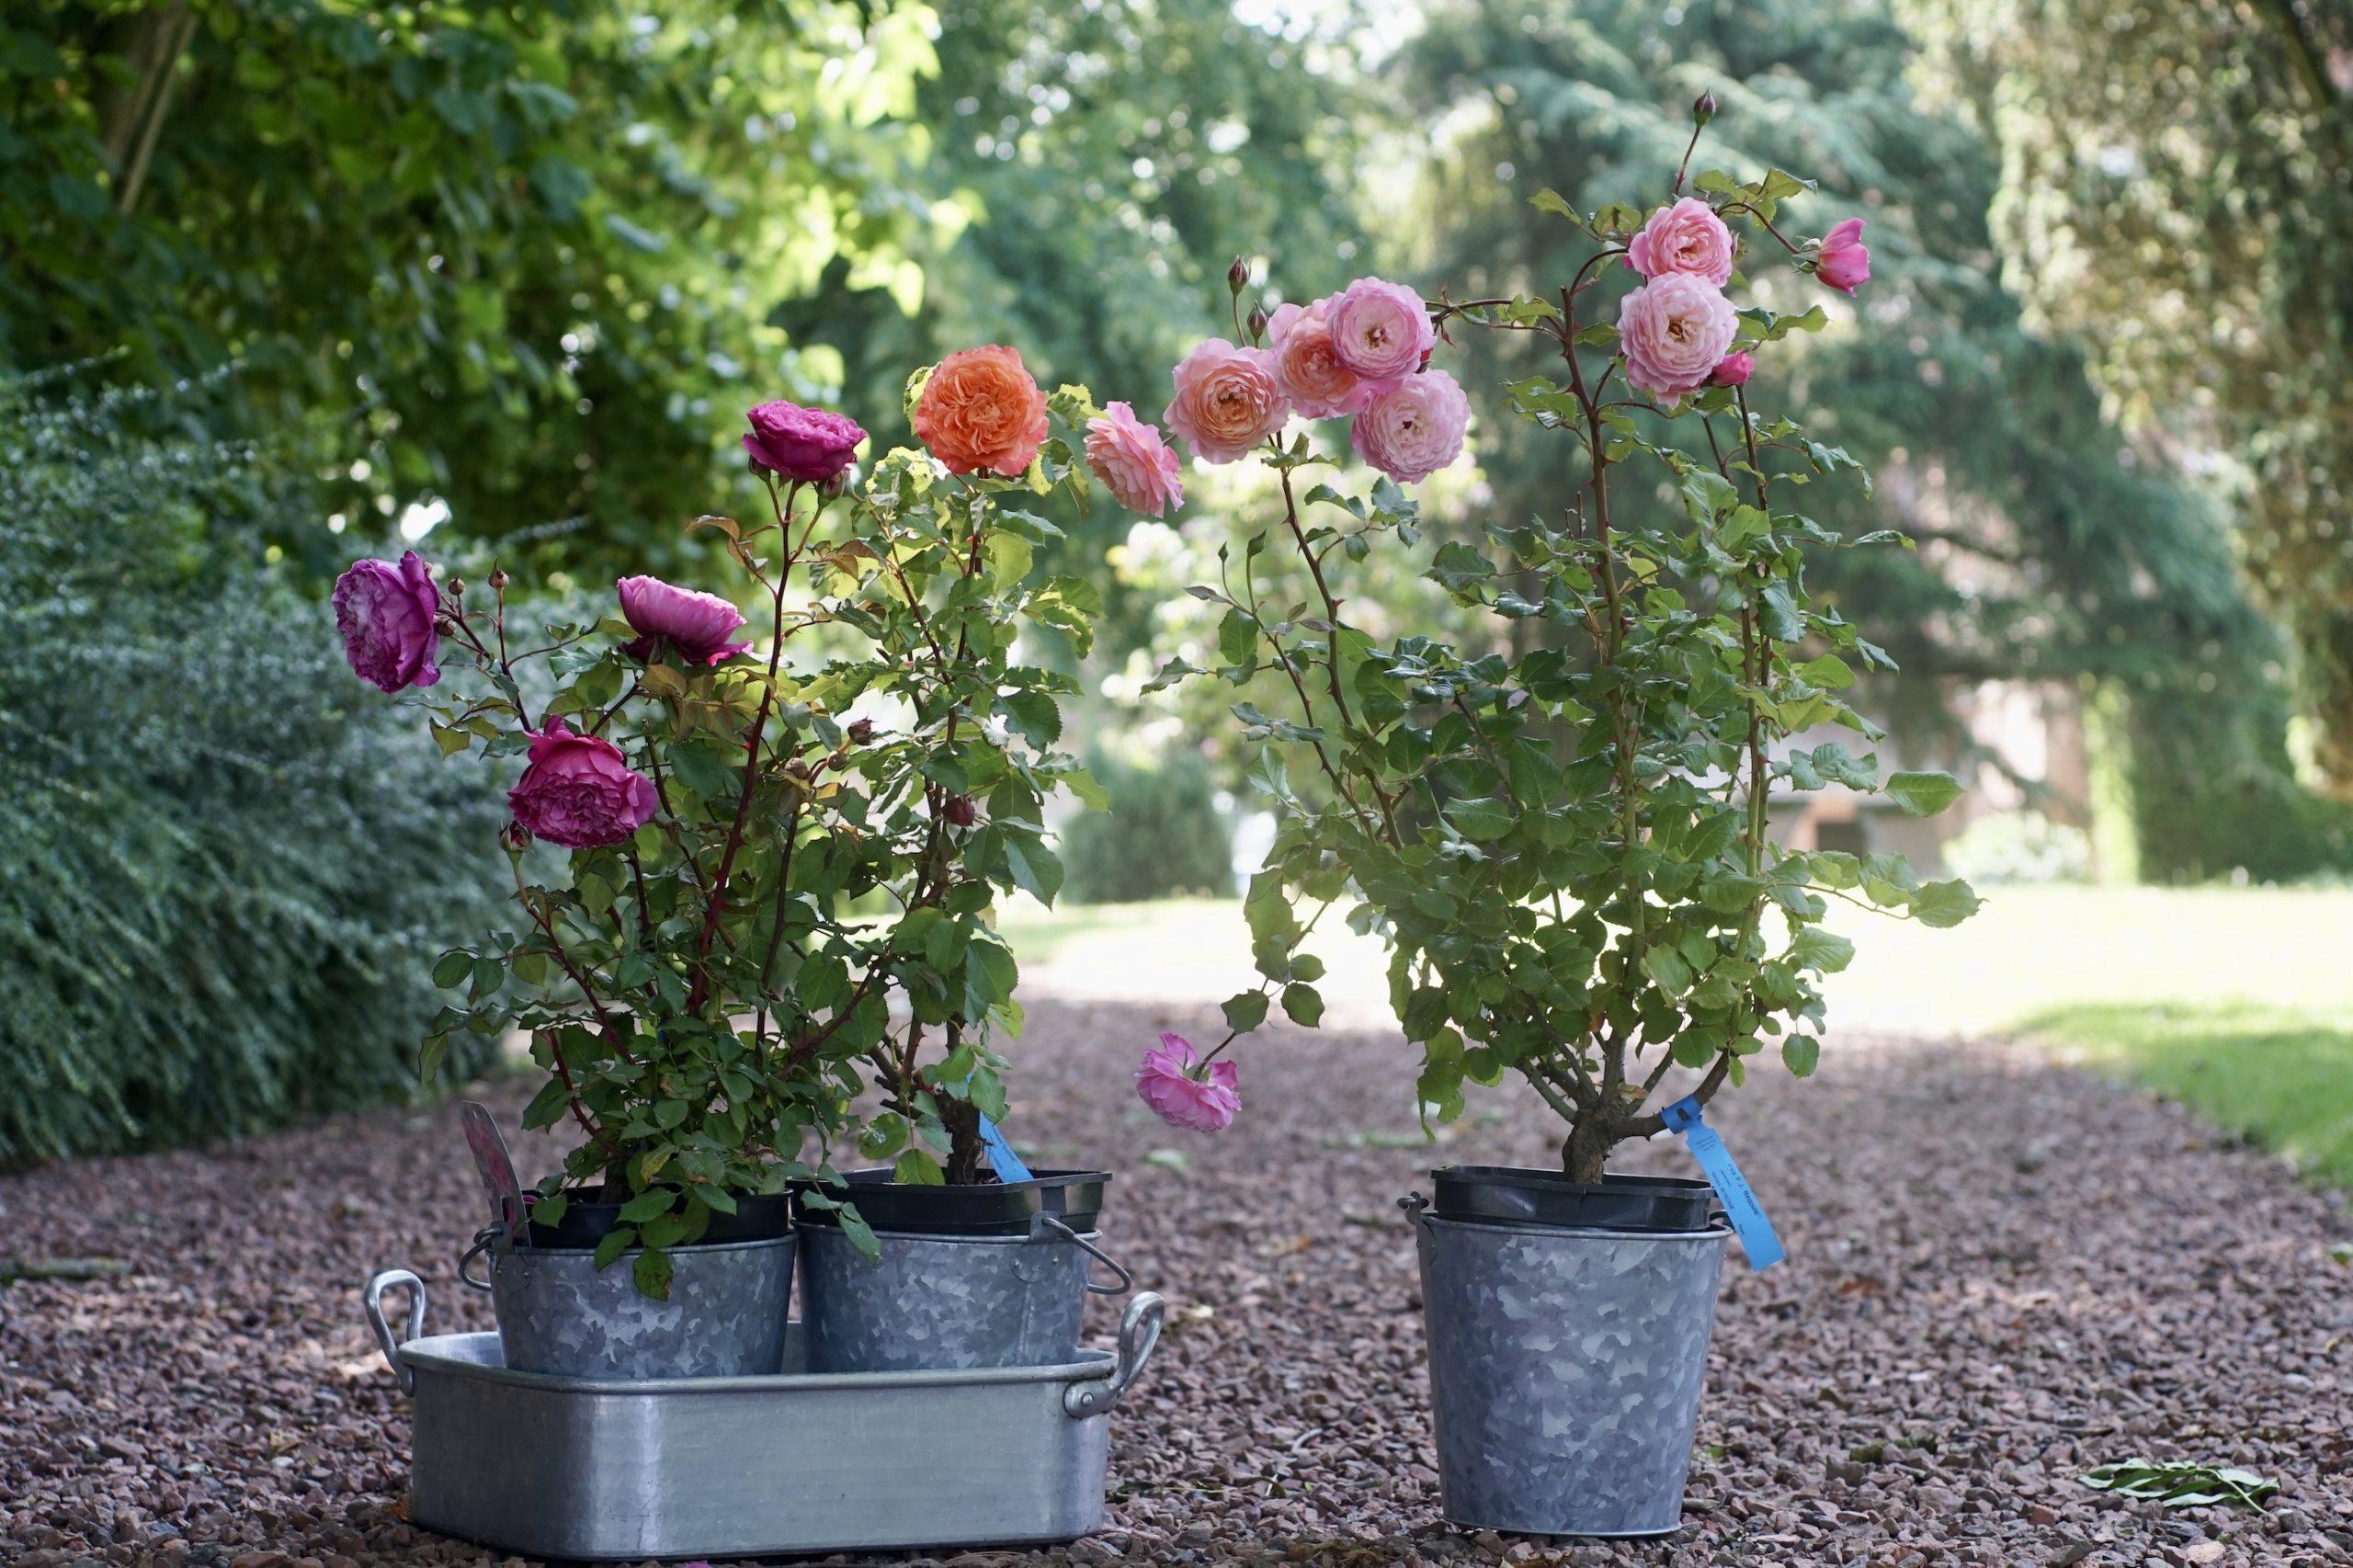 Rosiers en pot Ventilo, Emilien Guillot et Prix PJ.Redouté - ©Roses Guillot®